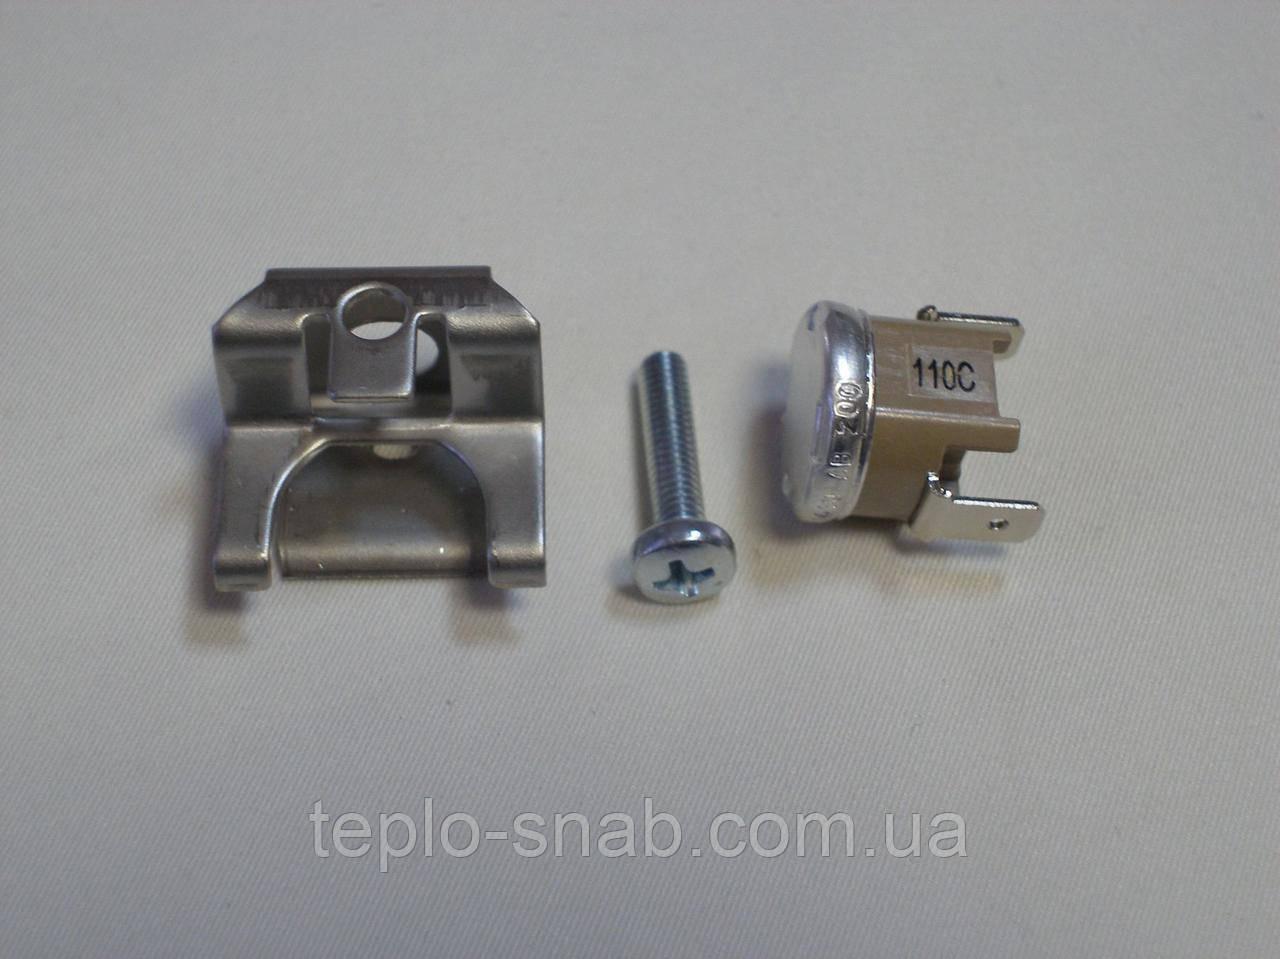 Предохранительный термостат по перегреву теплоносителя 110°С газовой колонки Junkers WR,ZW,ZWE. 8717206162